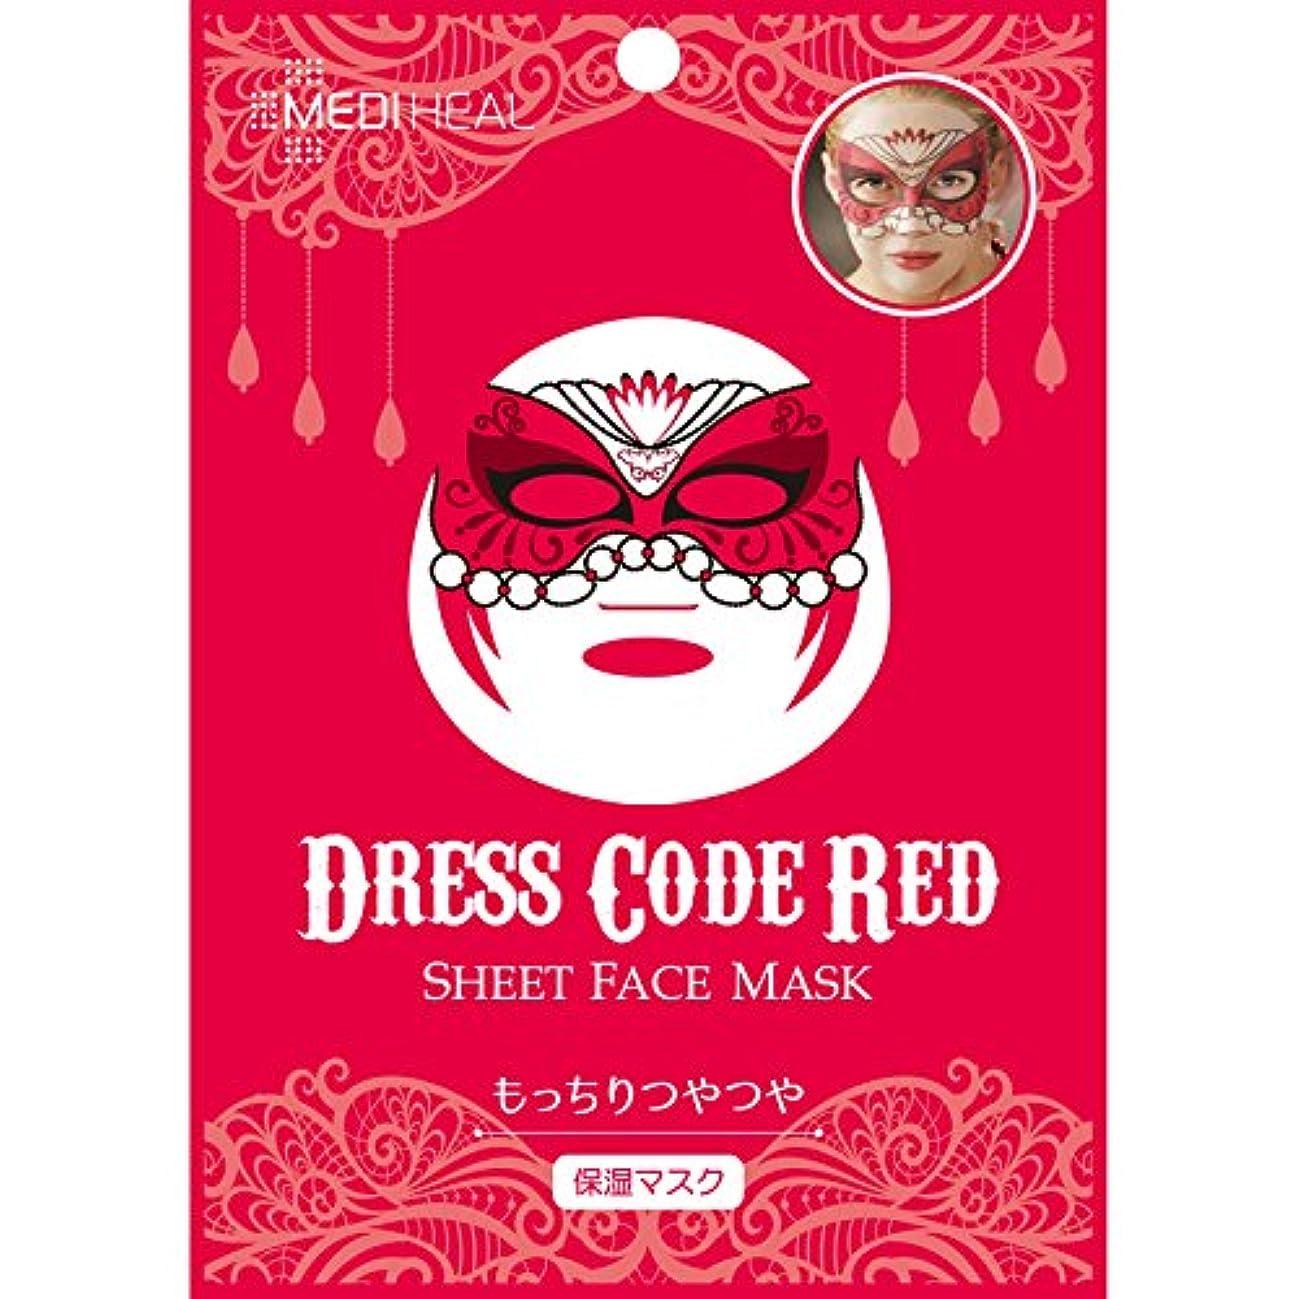 砂漠マイクりメディヒル フェイスマスク ドレスコードレッド (27ML/1シート)